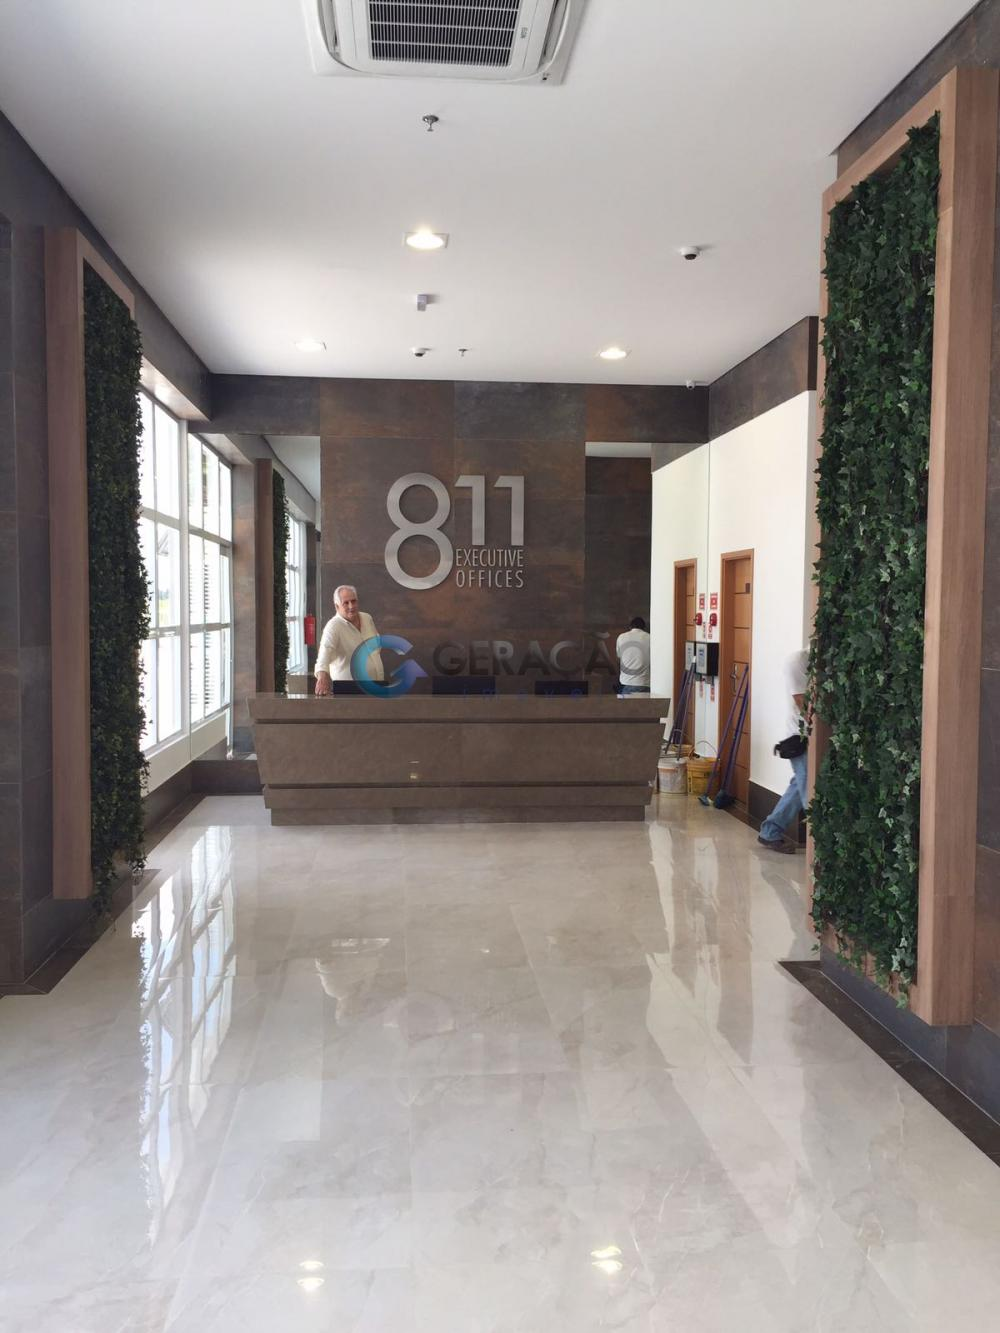 Alugar Comercial / Sala em Condomínio em São José dos Campos R$ 1.600,00 - Foto 6